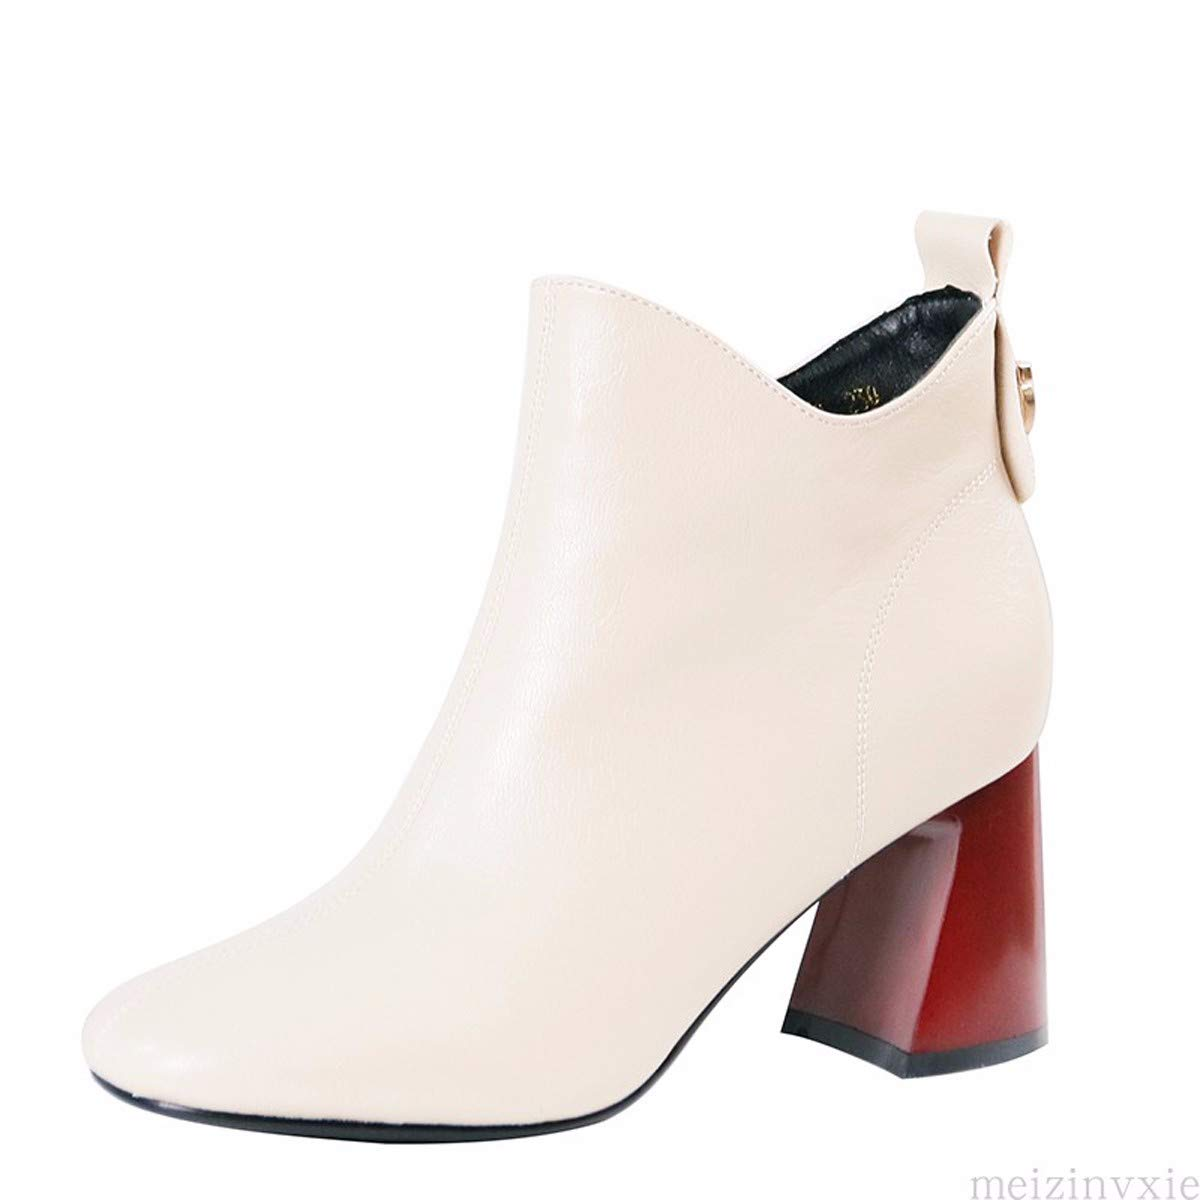 KPHY Damenschuhe/Farbabstimmung Kurze Stiefel Mit Hohen 8Cm, Mode, Wild, Runden Kopf, Seite Reißverschluss, Harte Sohle, Ma Dingxue.